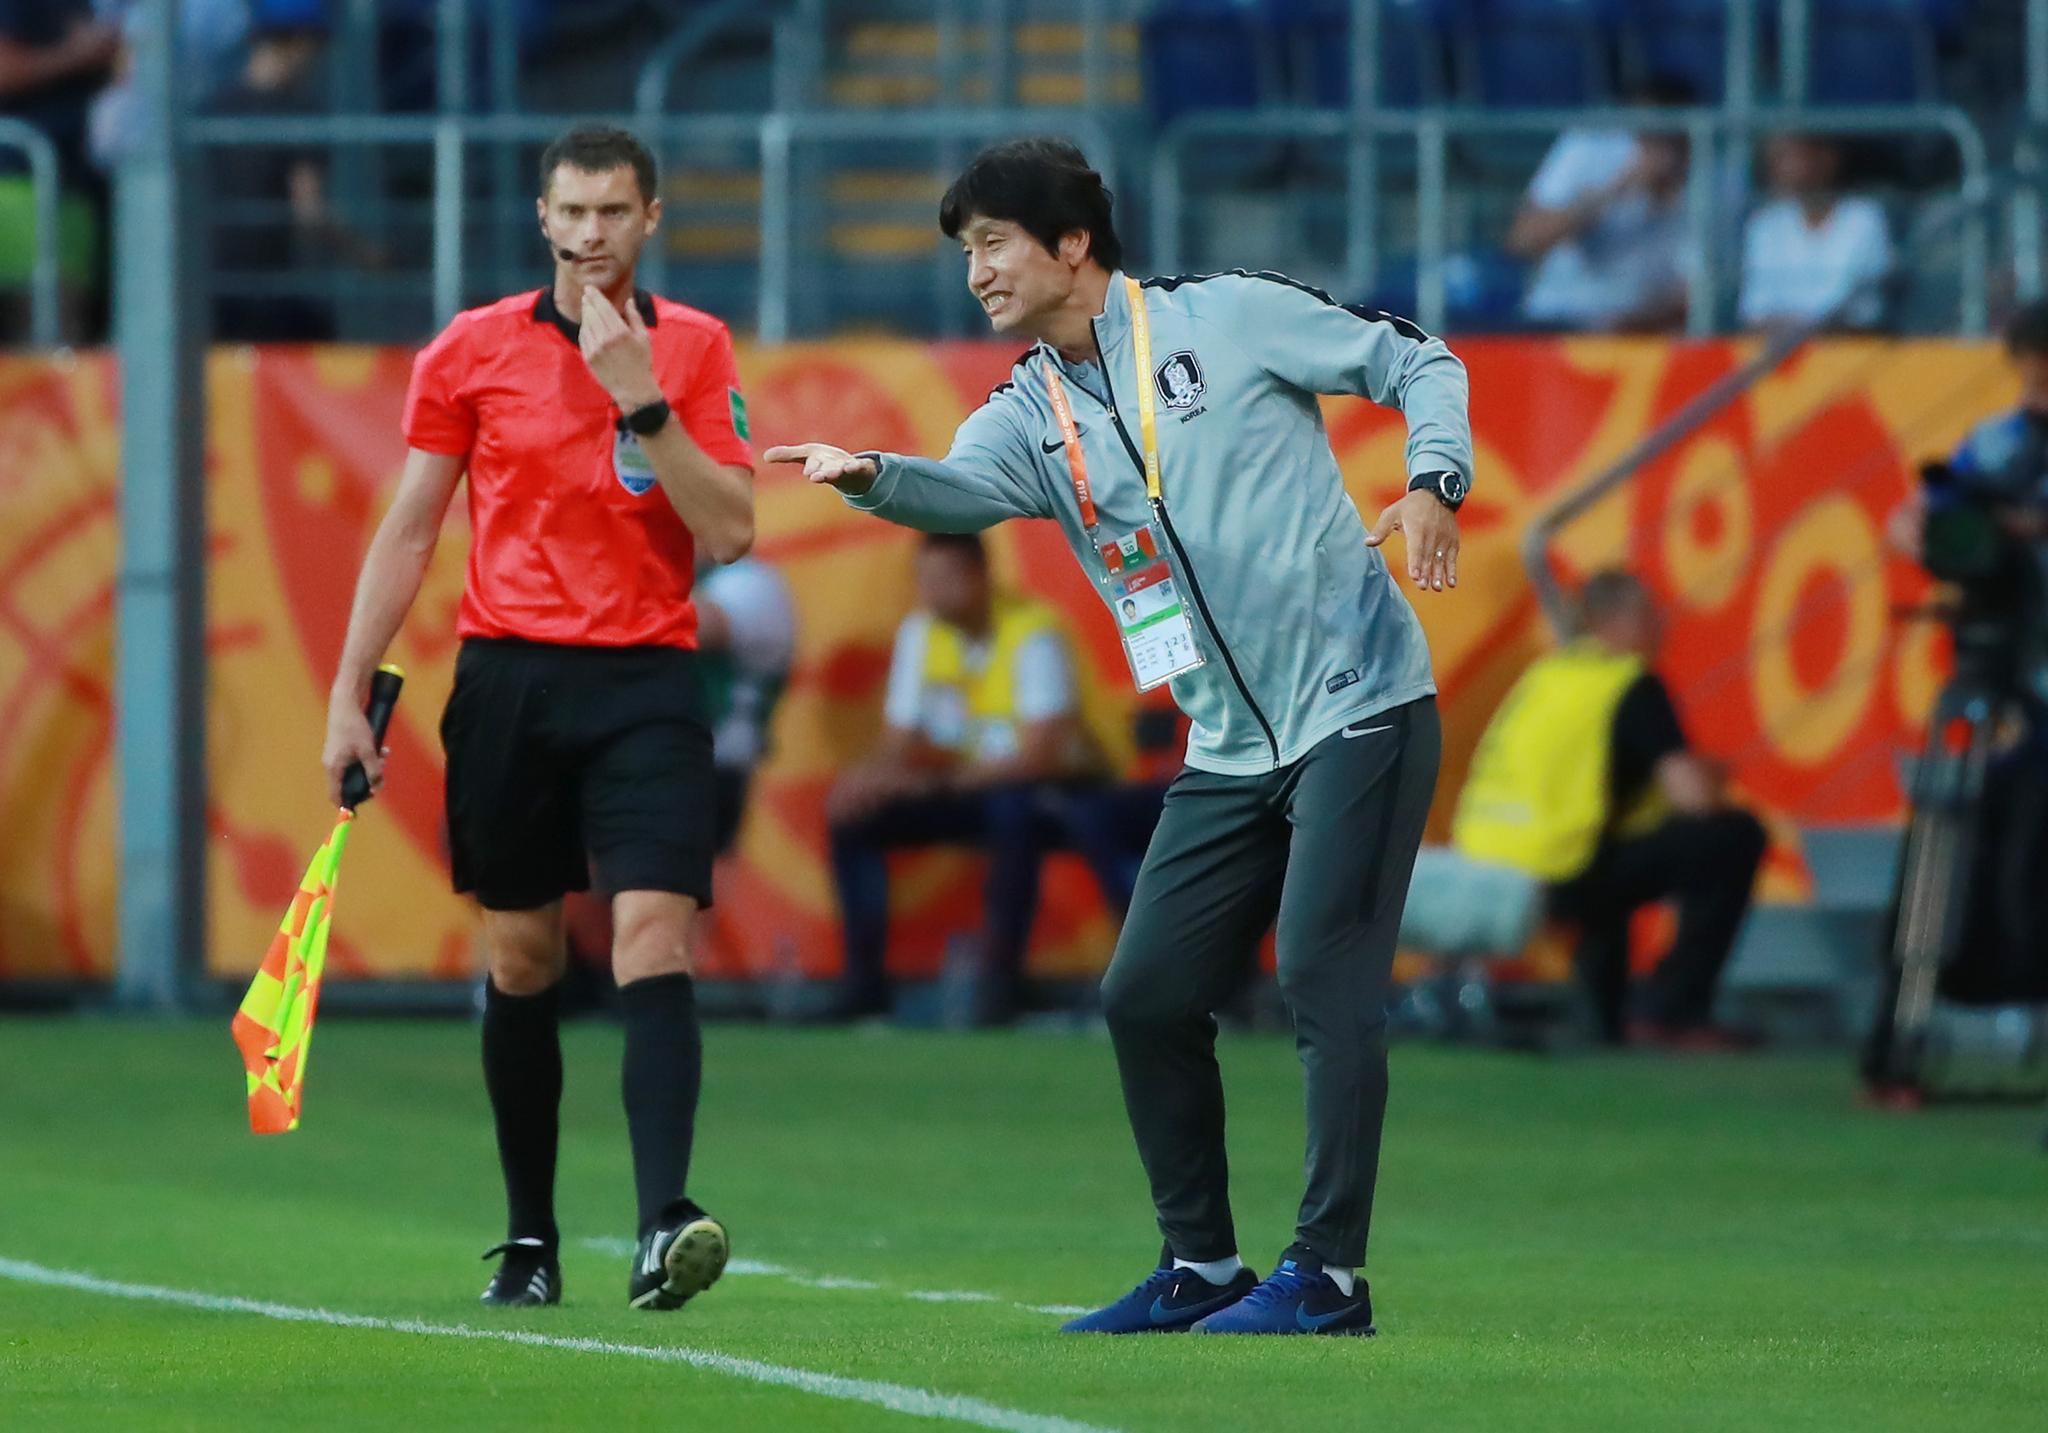 12일 폴란드 루블린 경기장에서 열린 2019 국제축구연맹(FIFA) 20세 이하(U-20) 월드컵 4강전 한국과 에콰도르의 경기.   전반 한국 정정용 감독이 작전 지시를 하고 있다.[연합뉴]